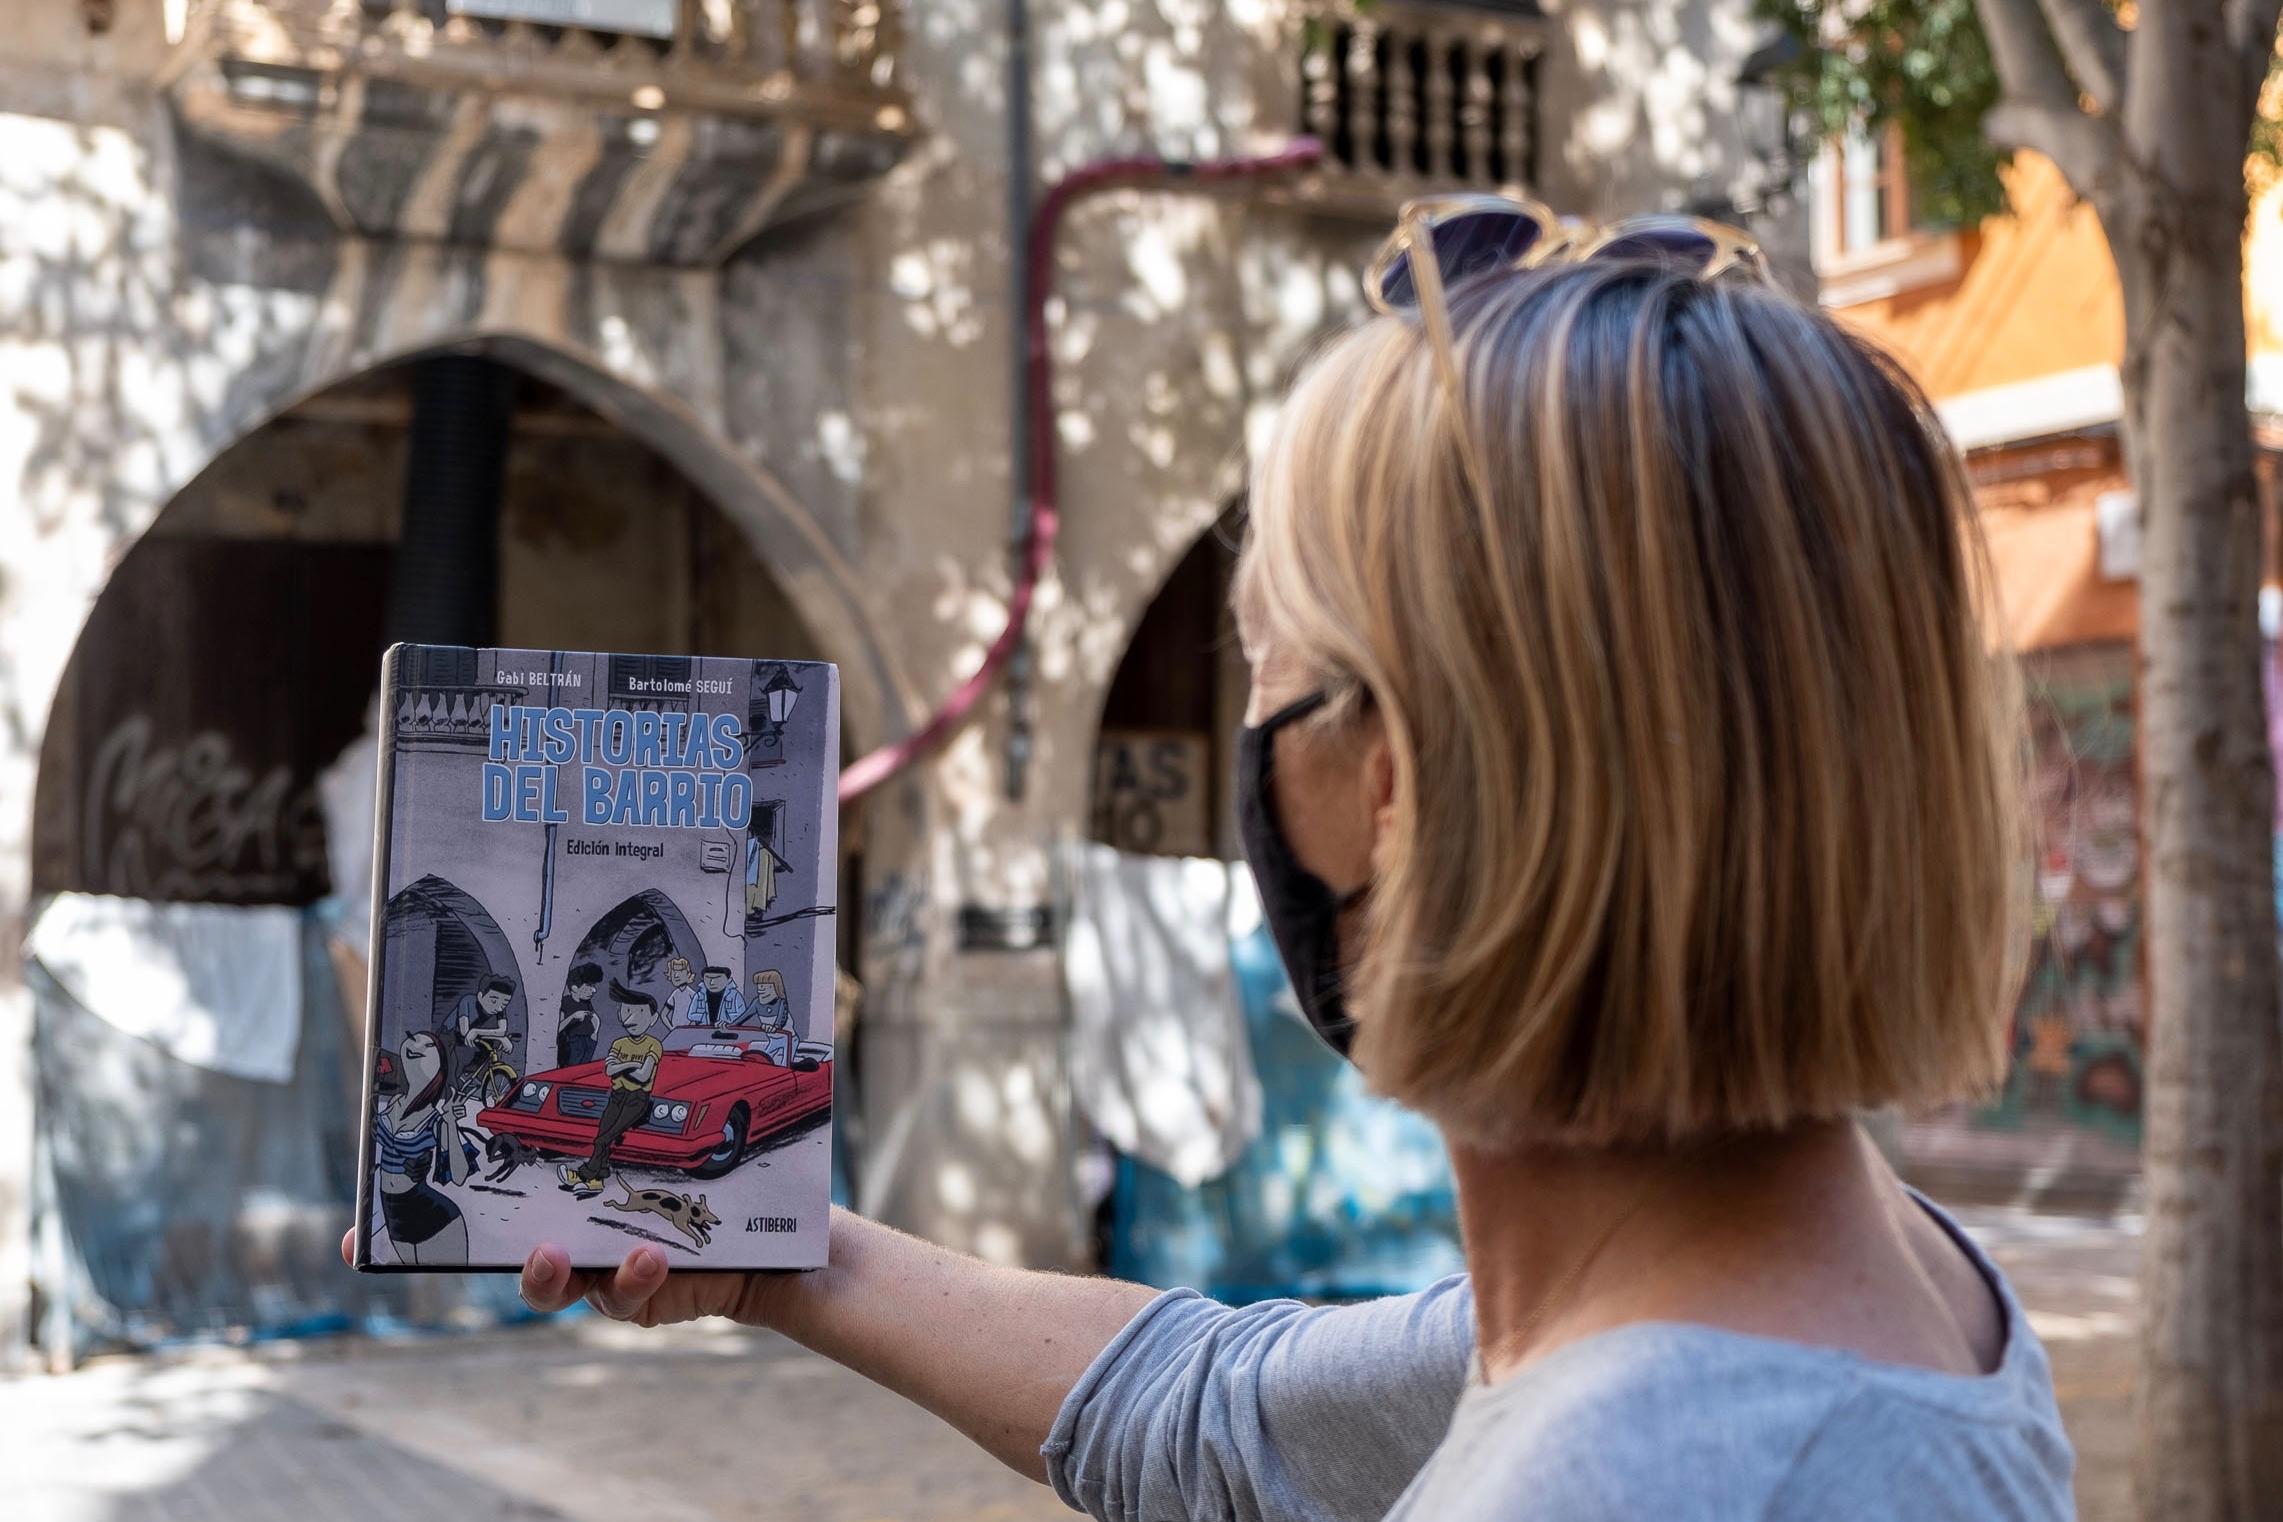 Coming of age: Historias del Barrio - Estilo Palma